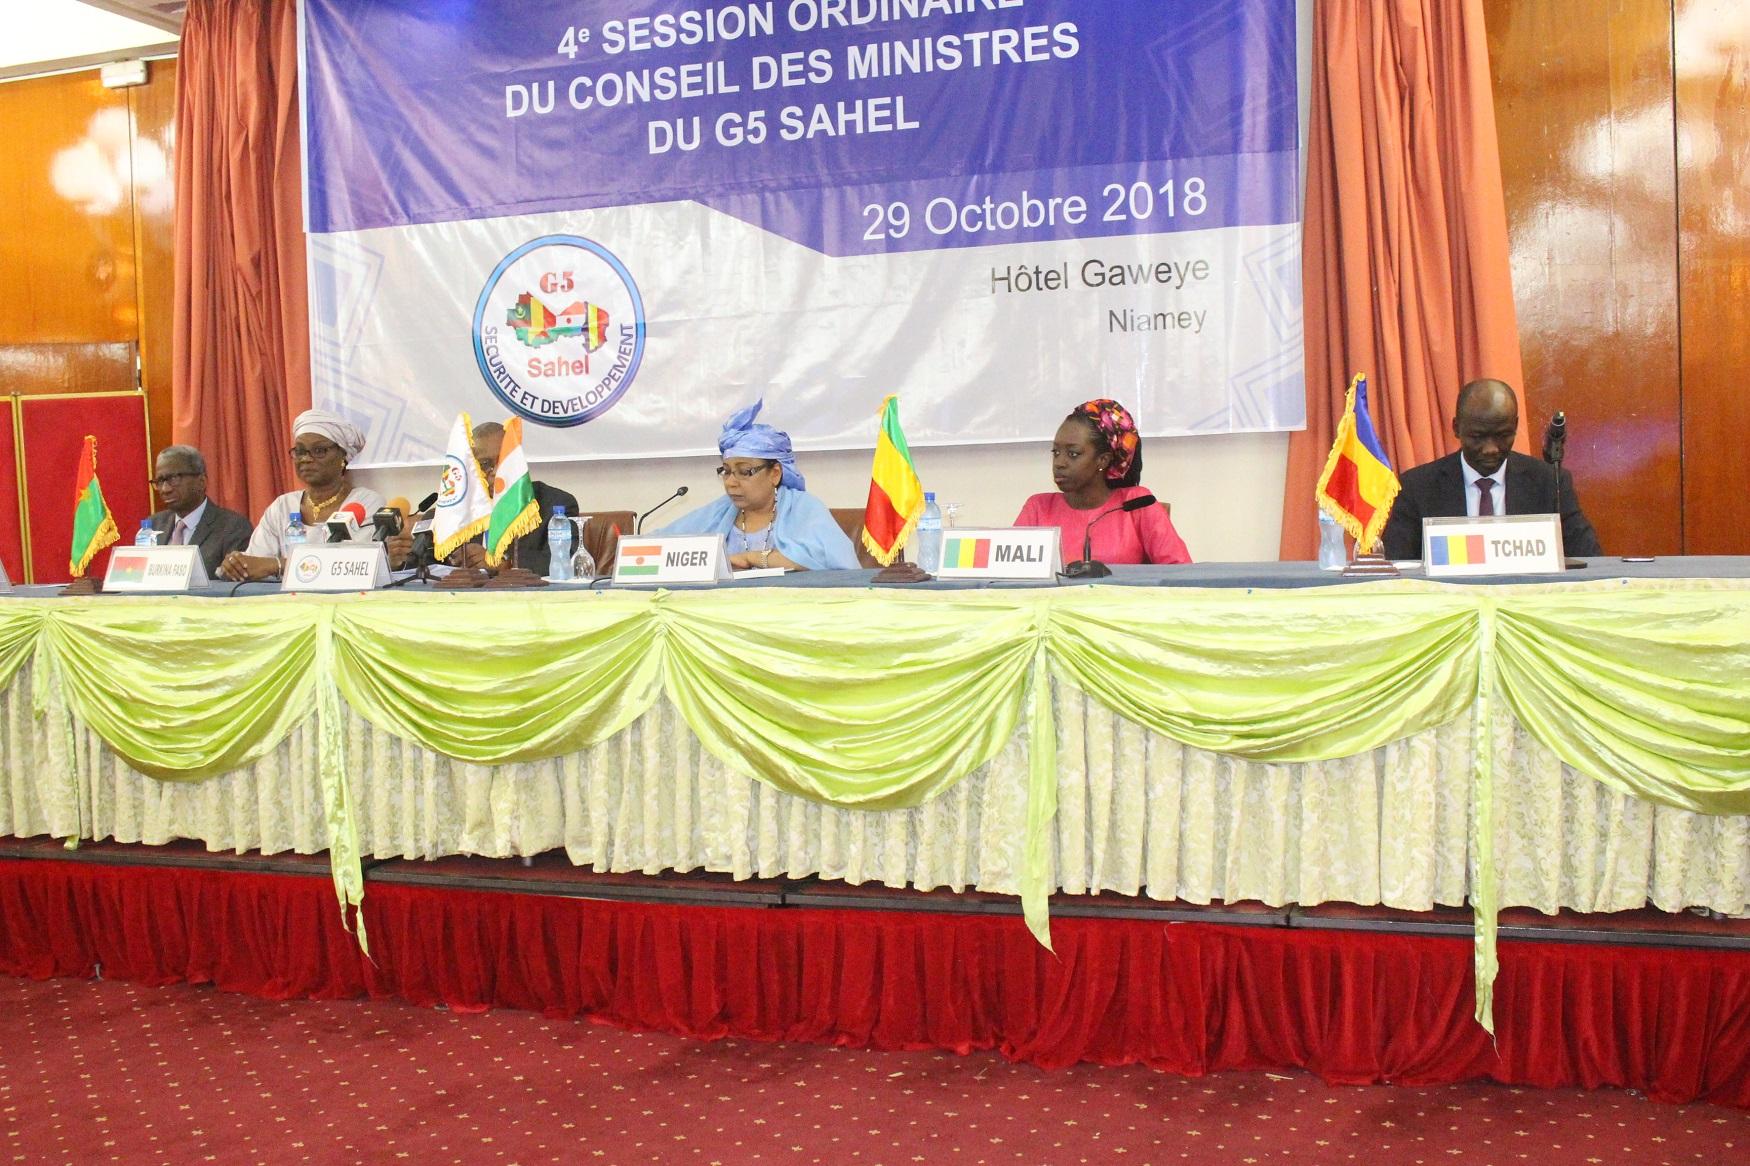 g5 conseil des ministres communique final